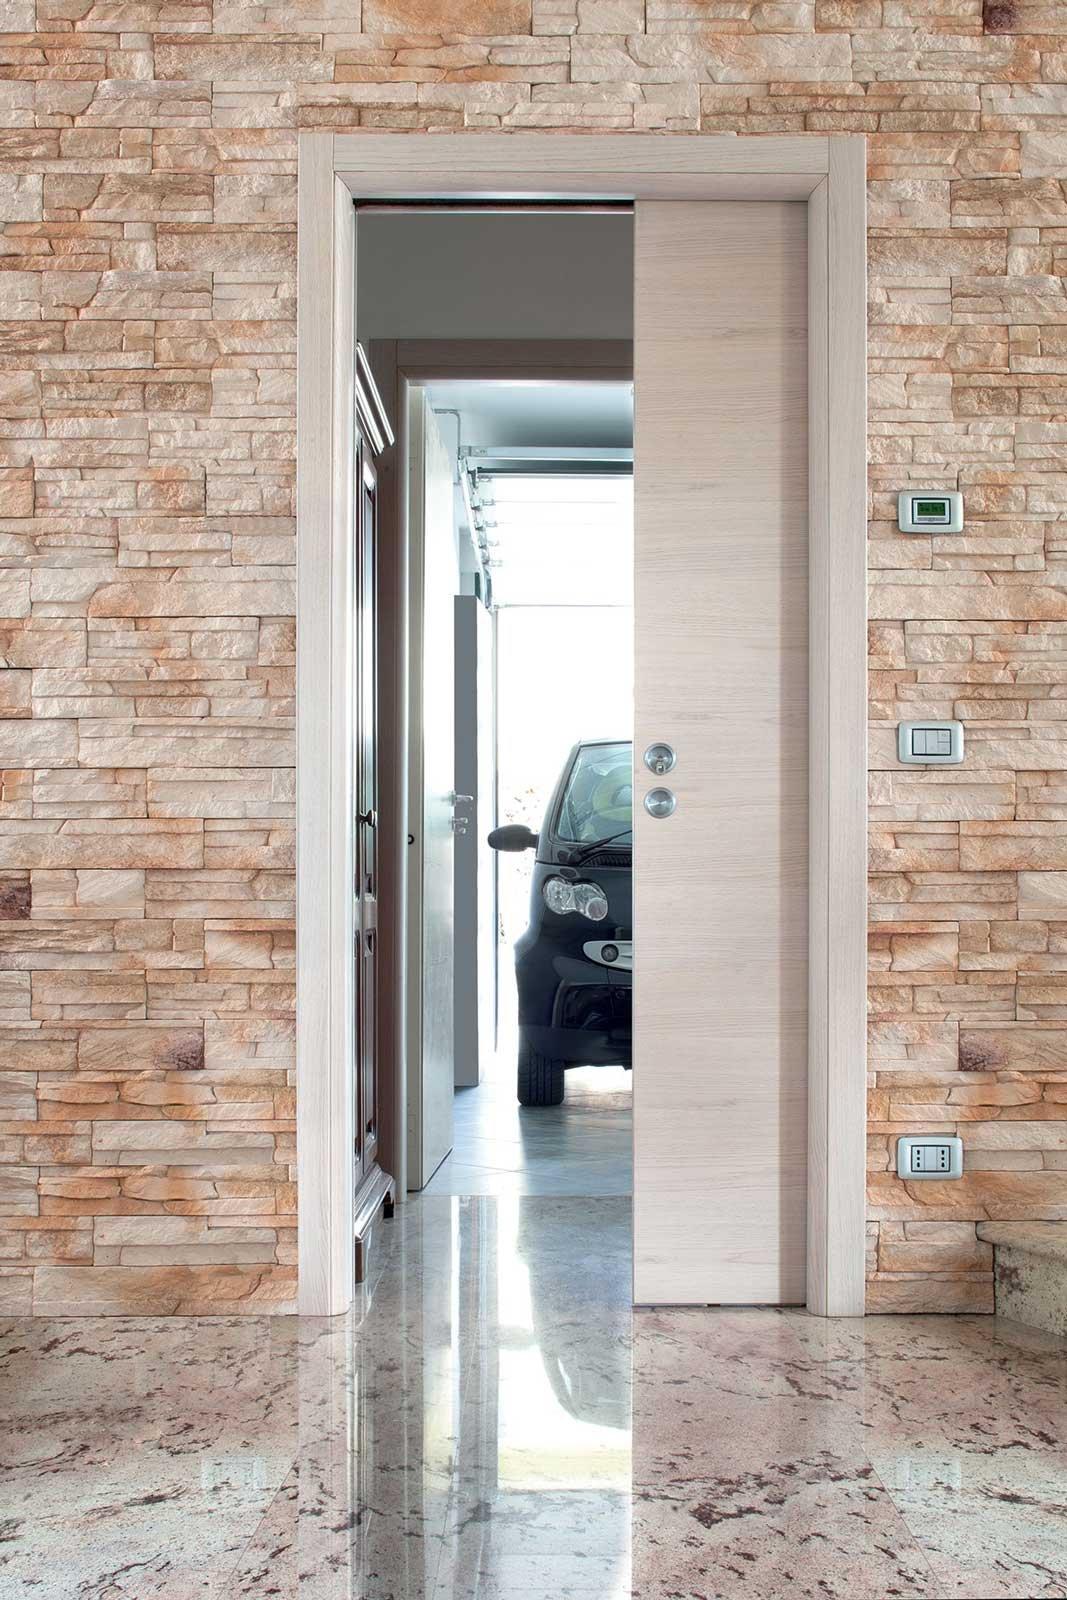 Porte scorrevoli a scomparsa si pu mettere un interruttore sulla parete cose di casa - Altezza porte finestre ...